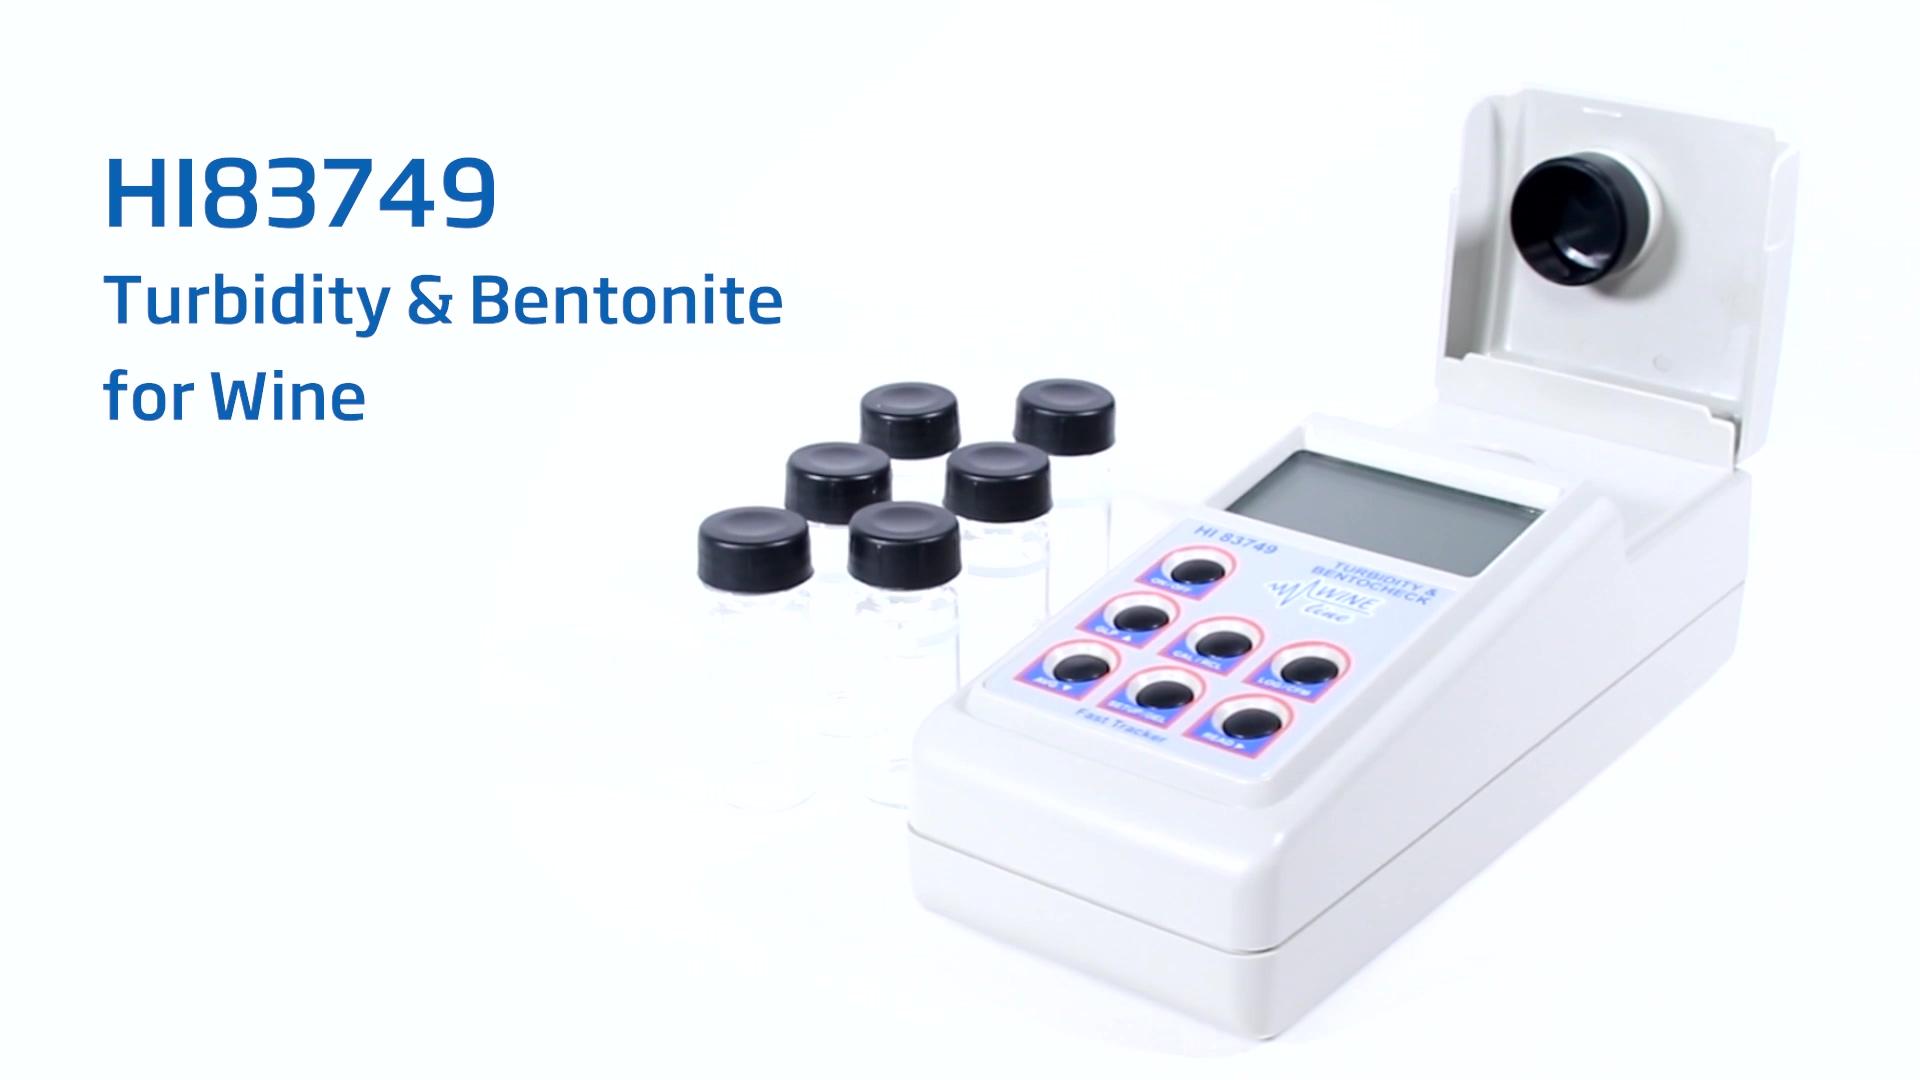 HI83749 Turbidity and Bentonite Meter for Wine